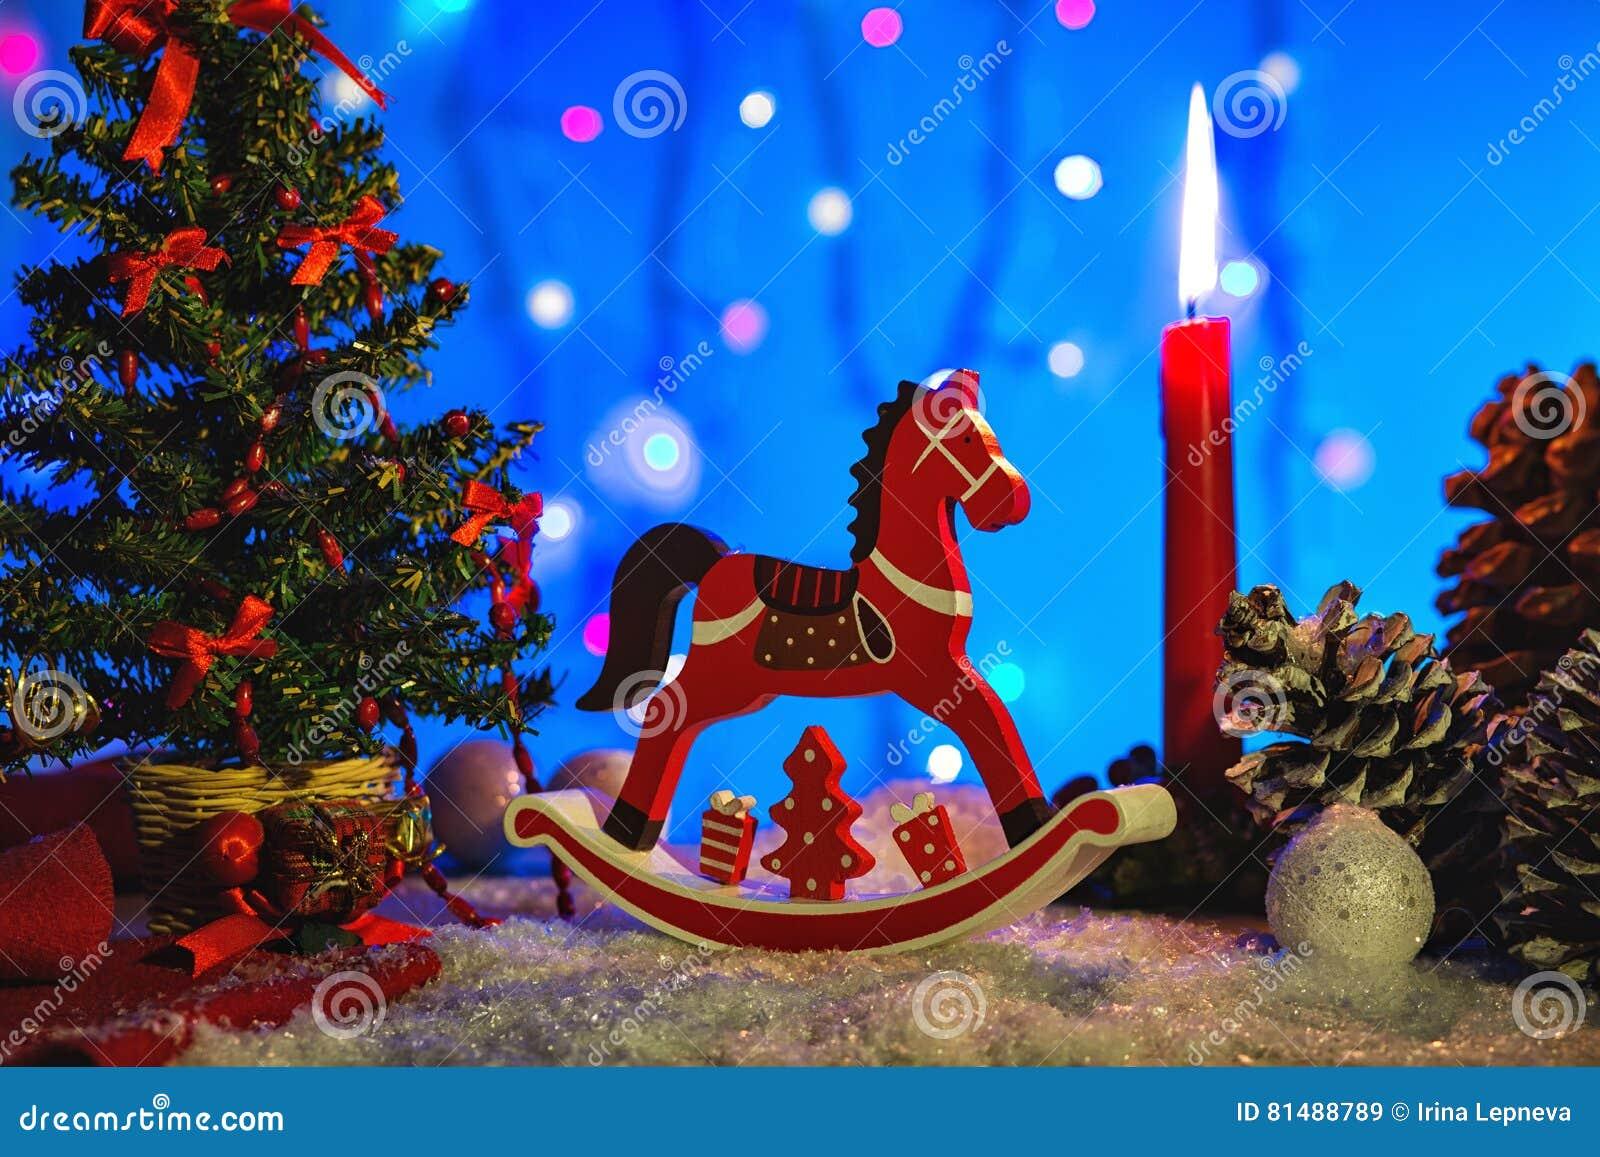 Immagini Di Natale Con Cavalli.Cartolina D Auguri Di Natale Con Il Cavallo Di Legno Rosso